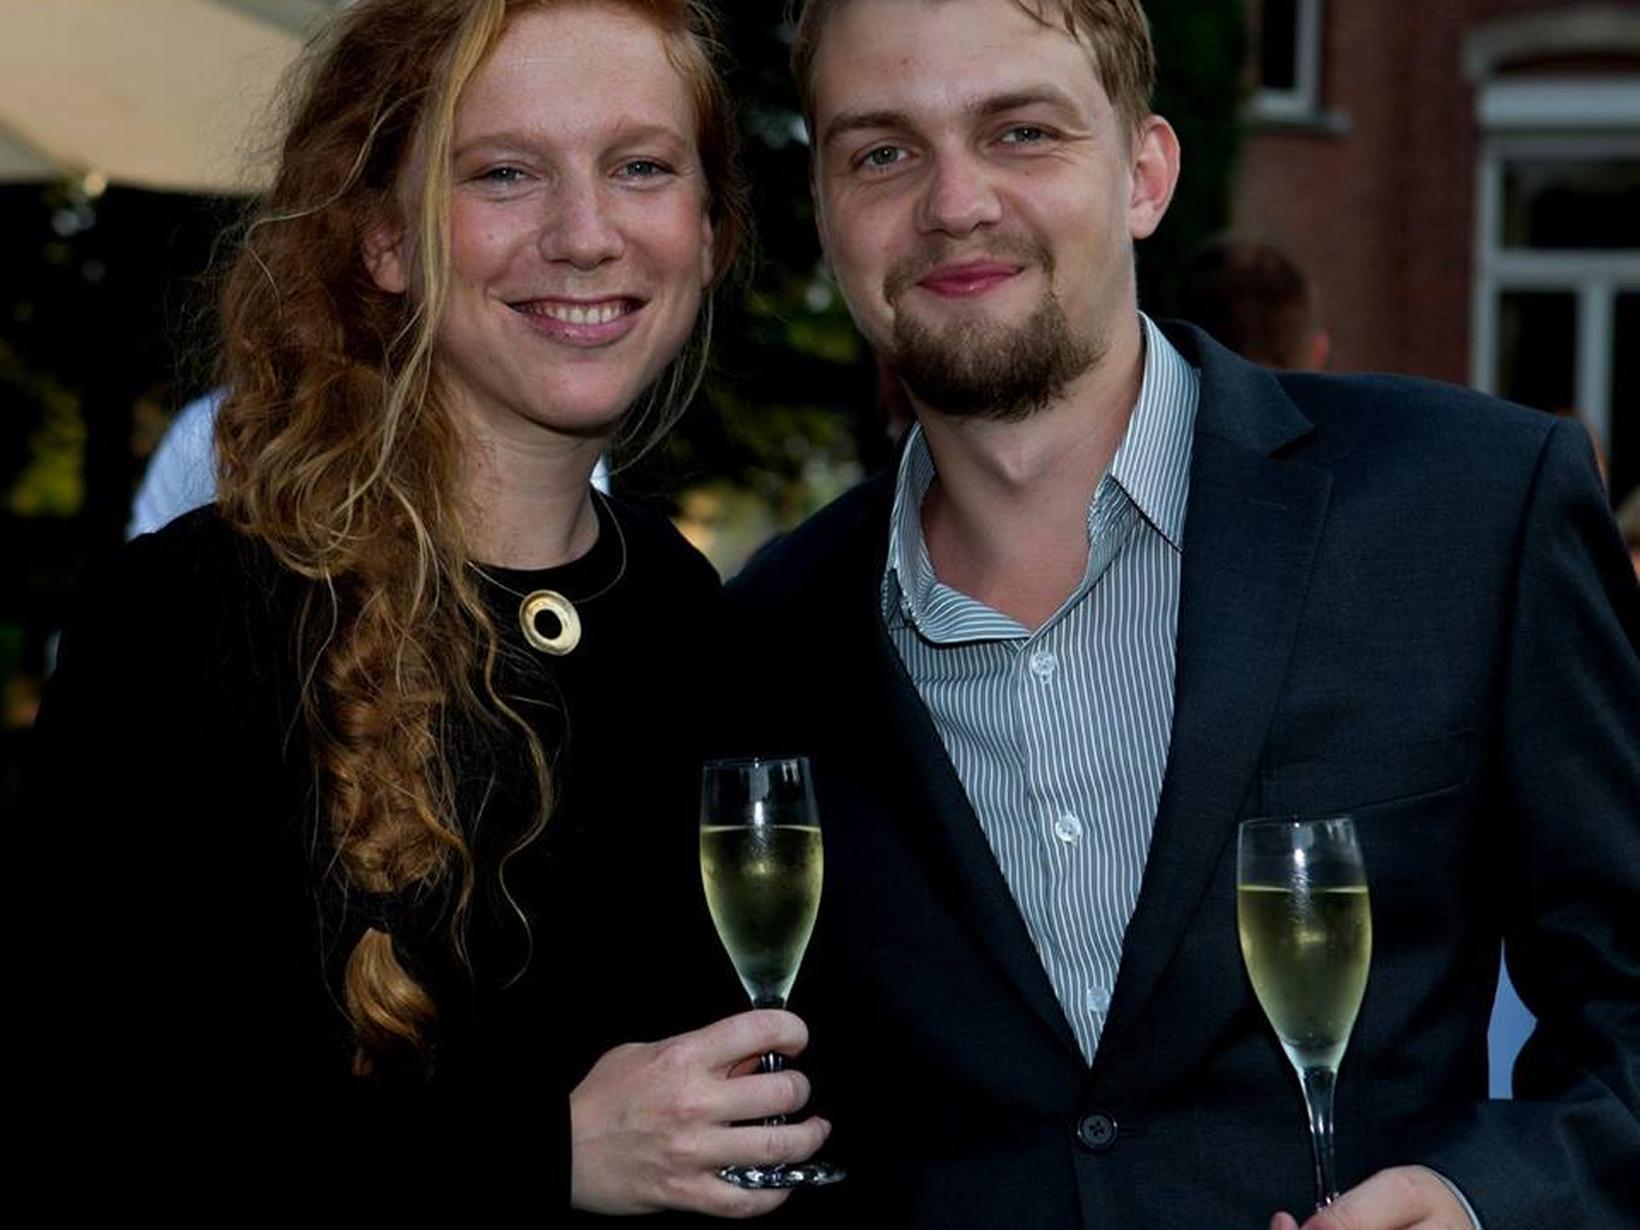 Lisa & Brecht from Gent, Belgium